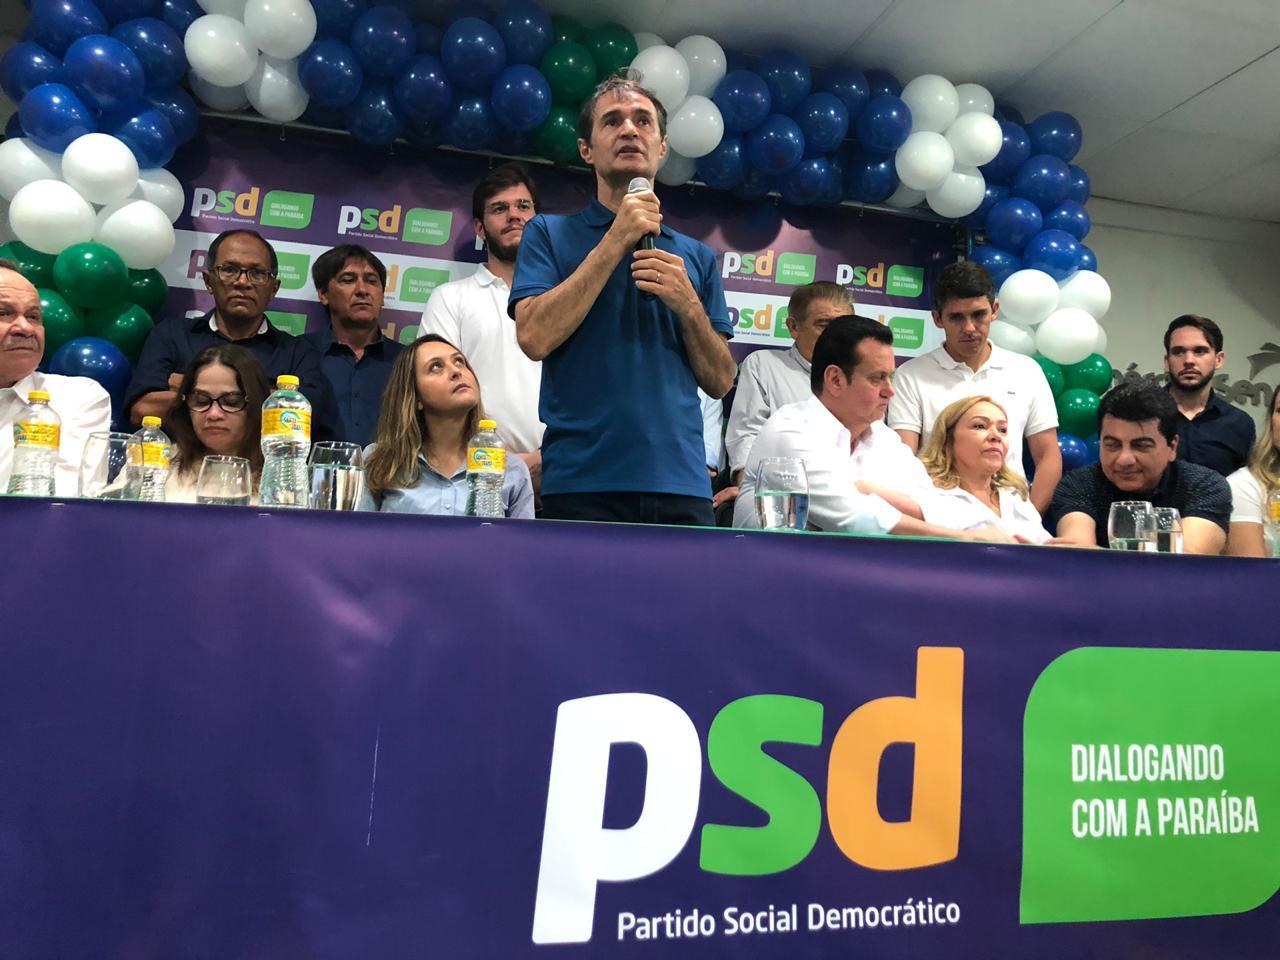 e8e761f2 b1f0 4e05 abfb ef1fdc223549 - DE OLHO EM 2022: Romero assume comando do PSD na Paraíba